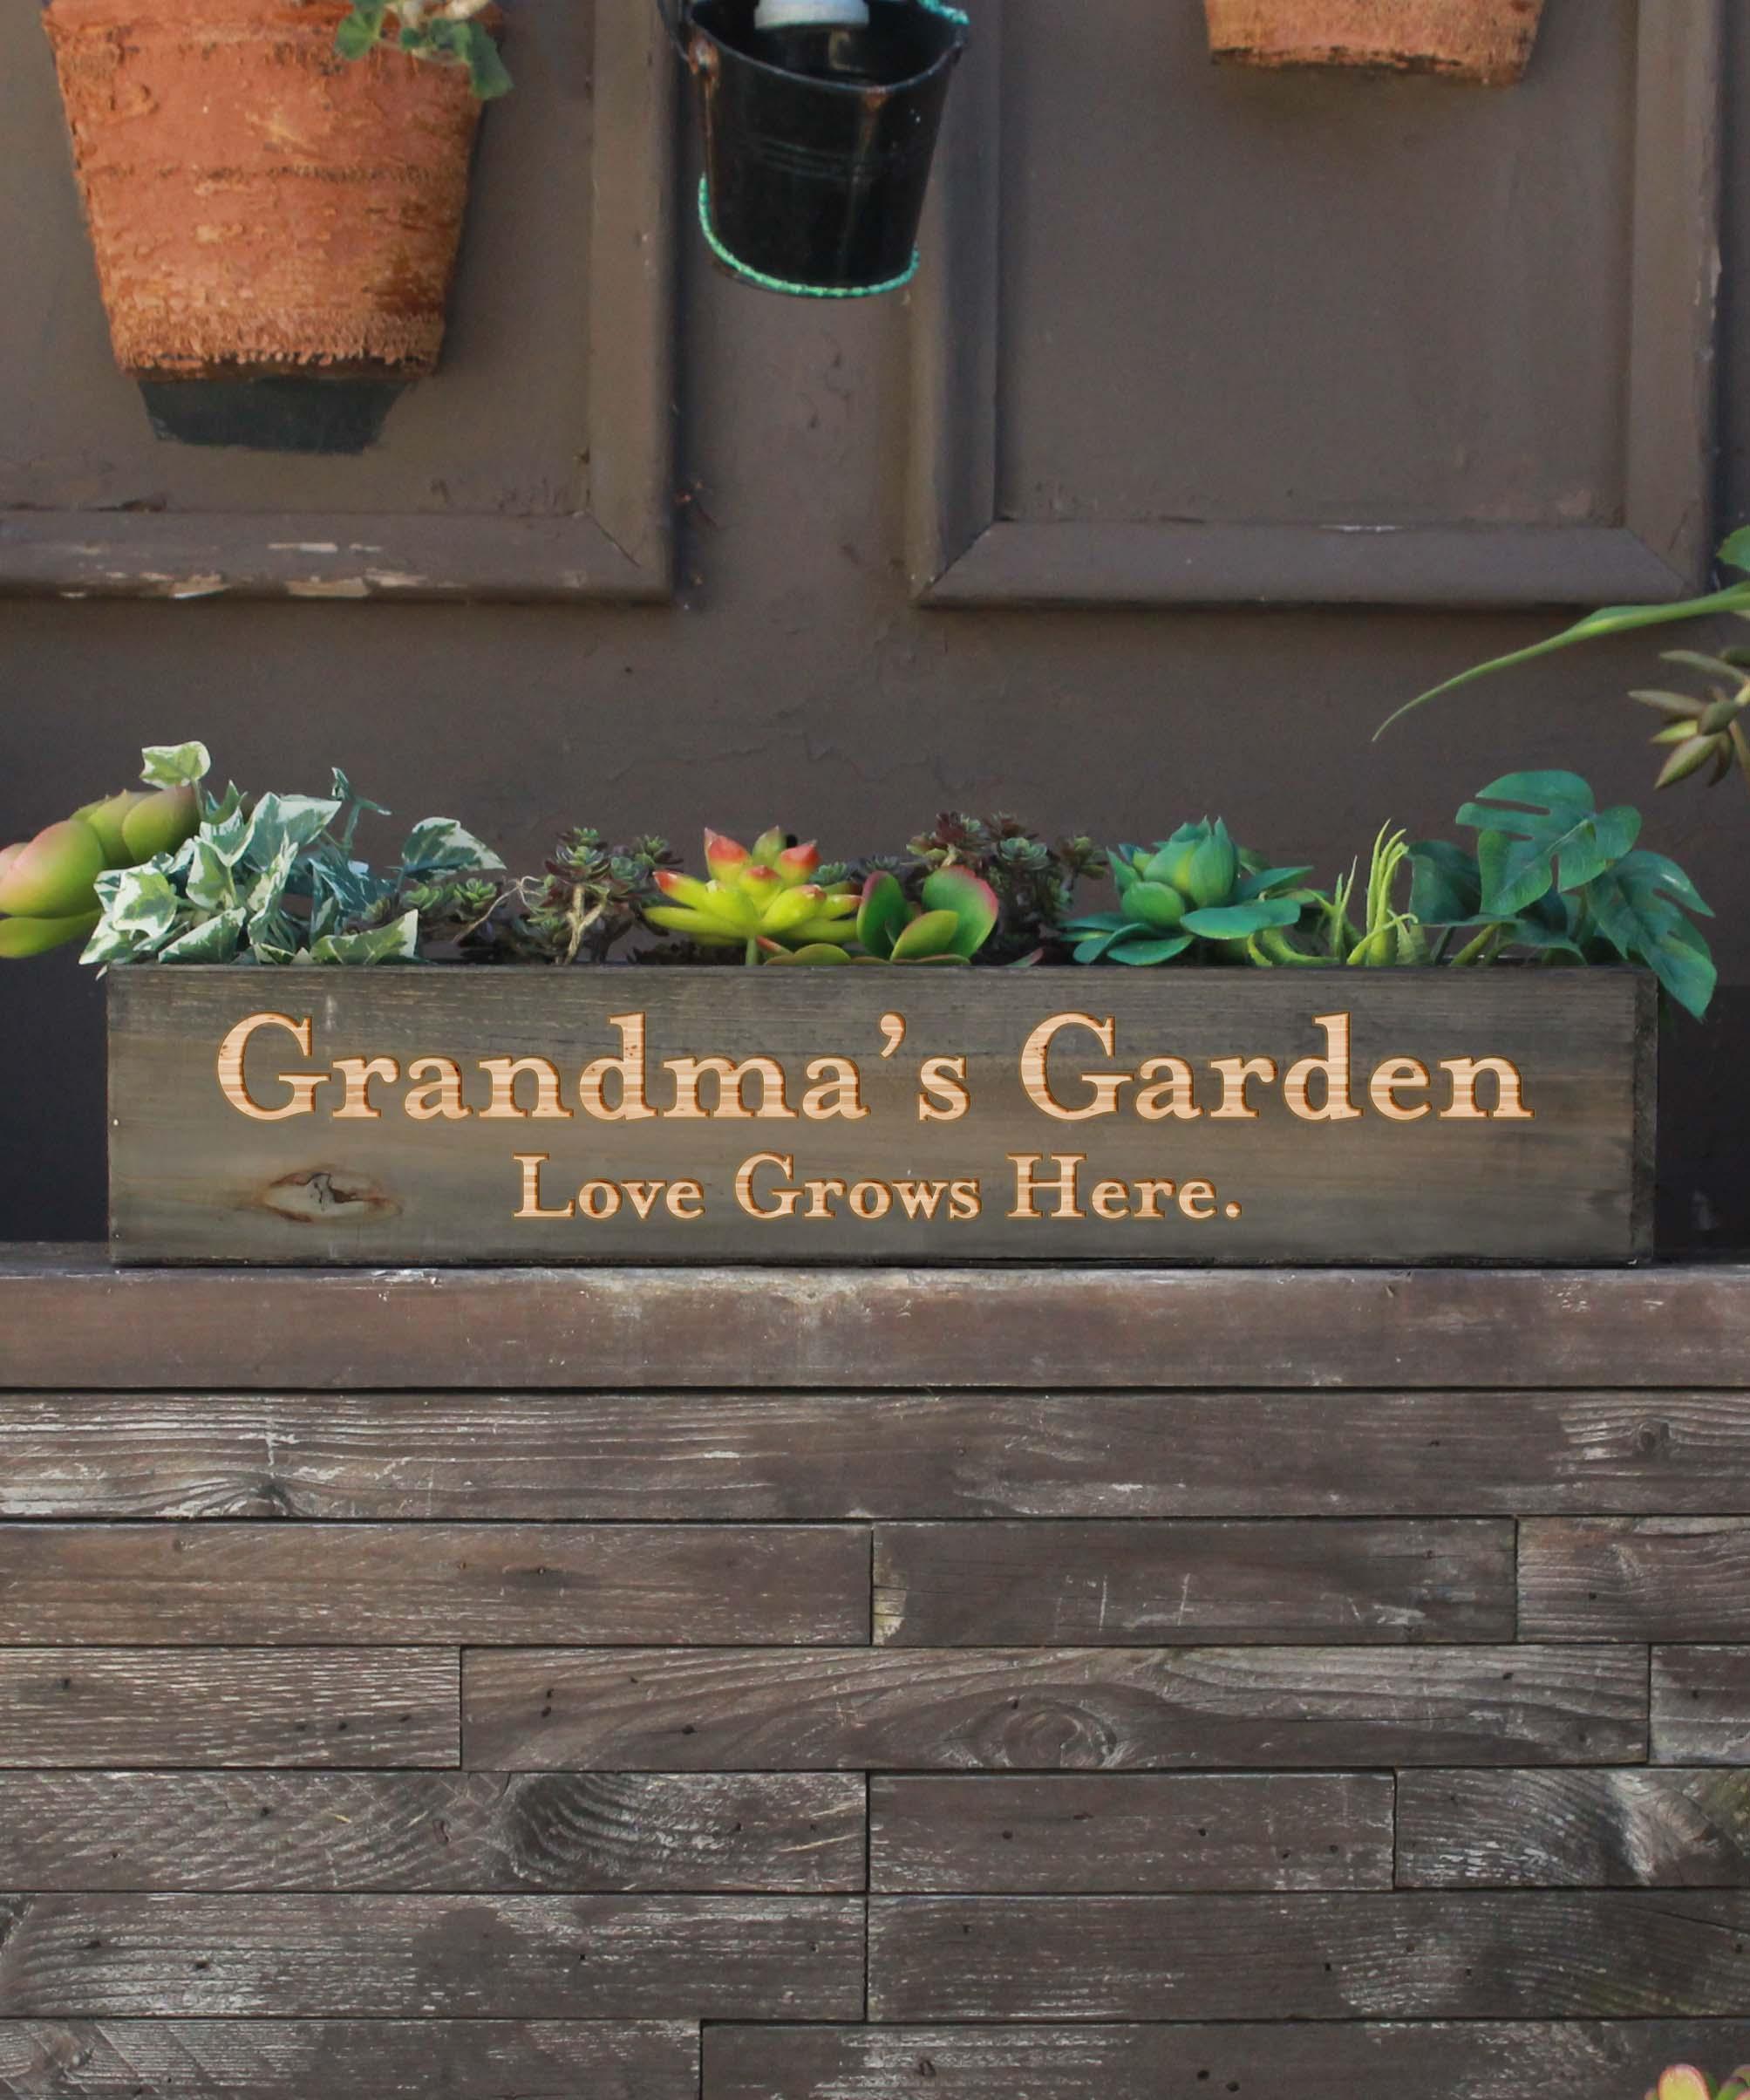 20 x 4 Personalized Planter Box | Grandma's Garden